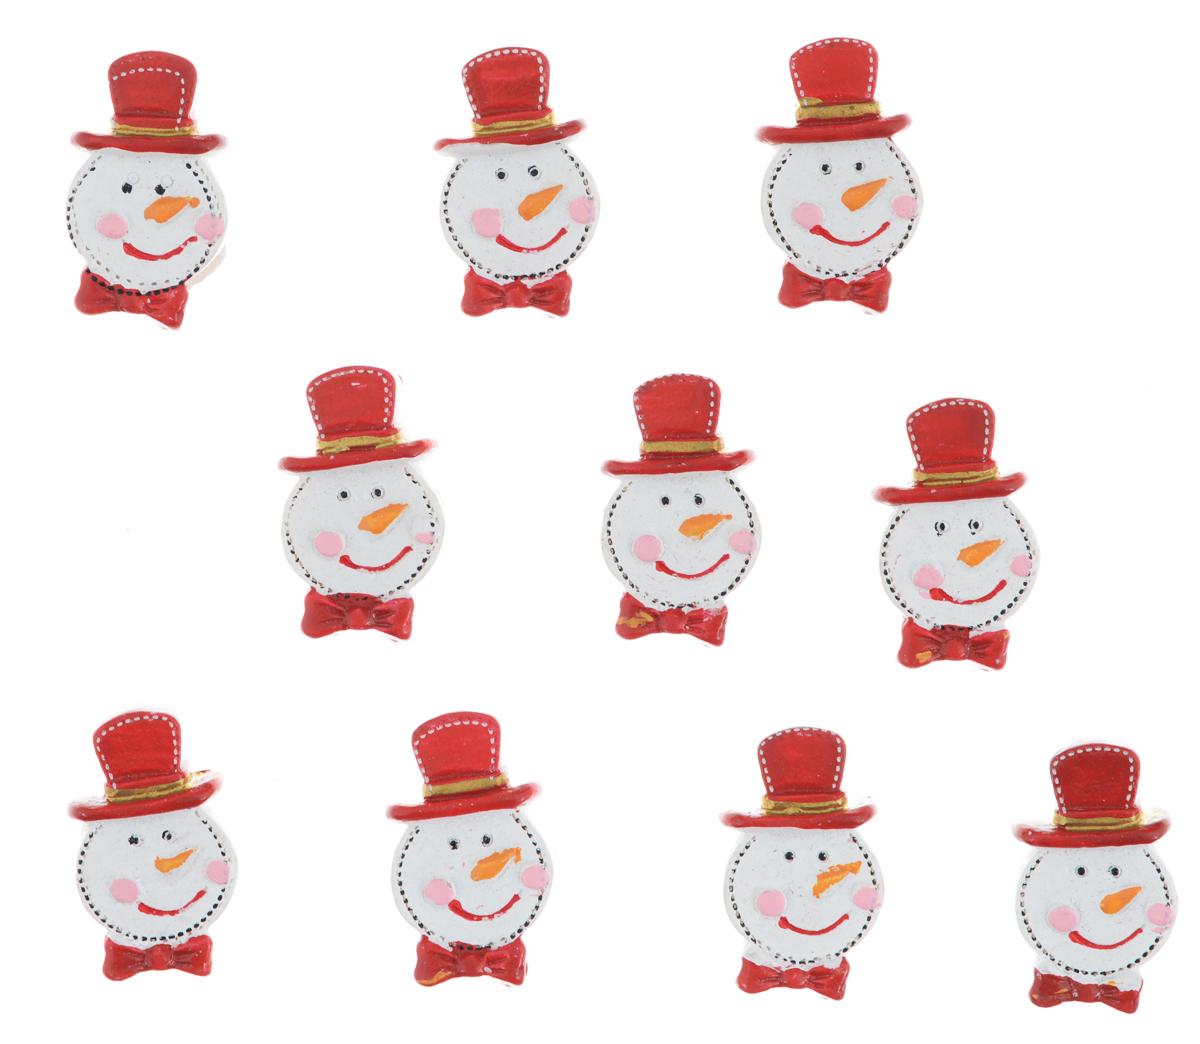 Набор декоративных украшений Lunten Ranta Снеговик в шляпе, на стикере, цвет: белый, красный, 10 шт очки lunten ranta диадема 66151